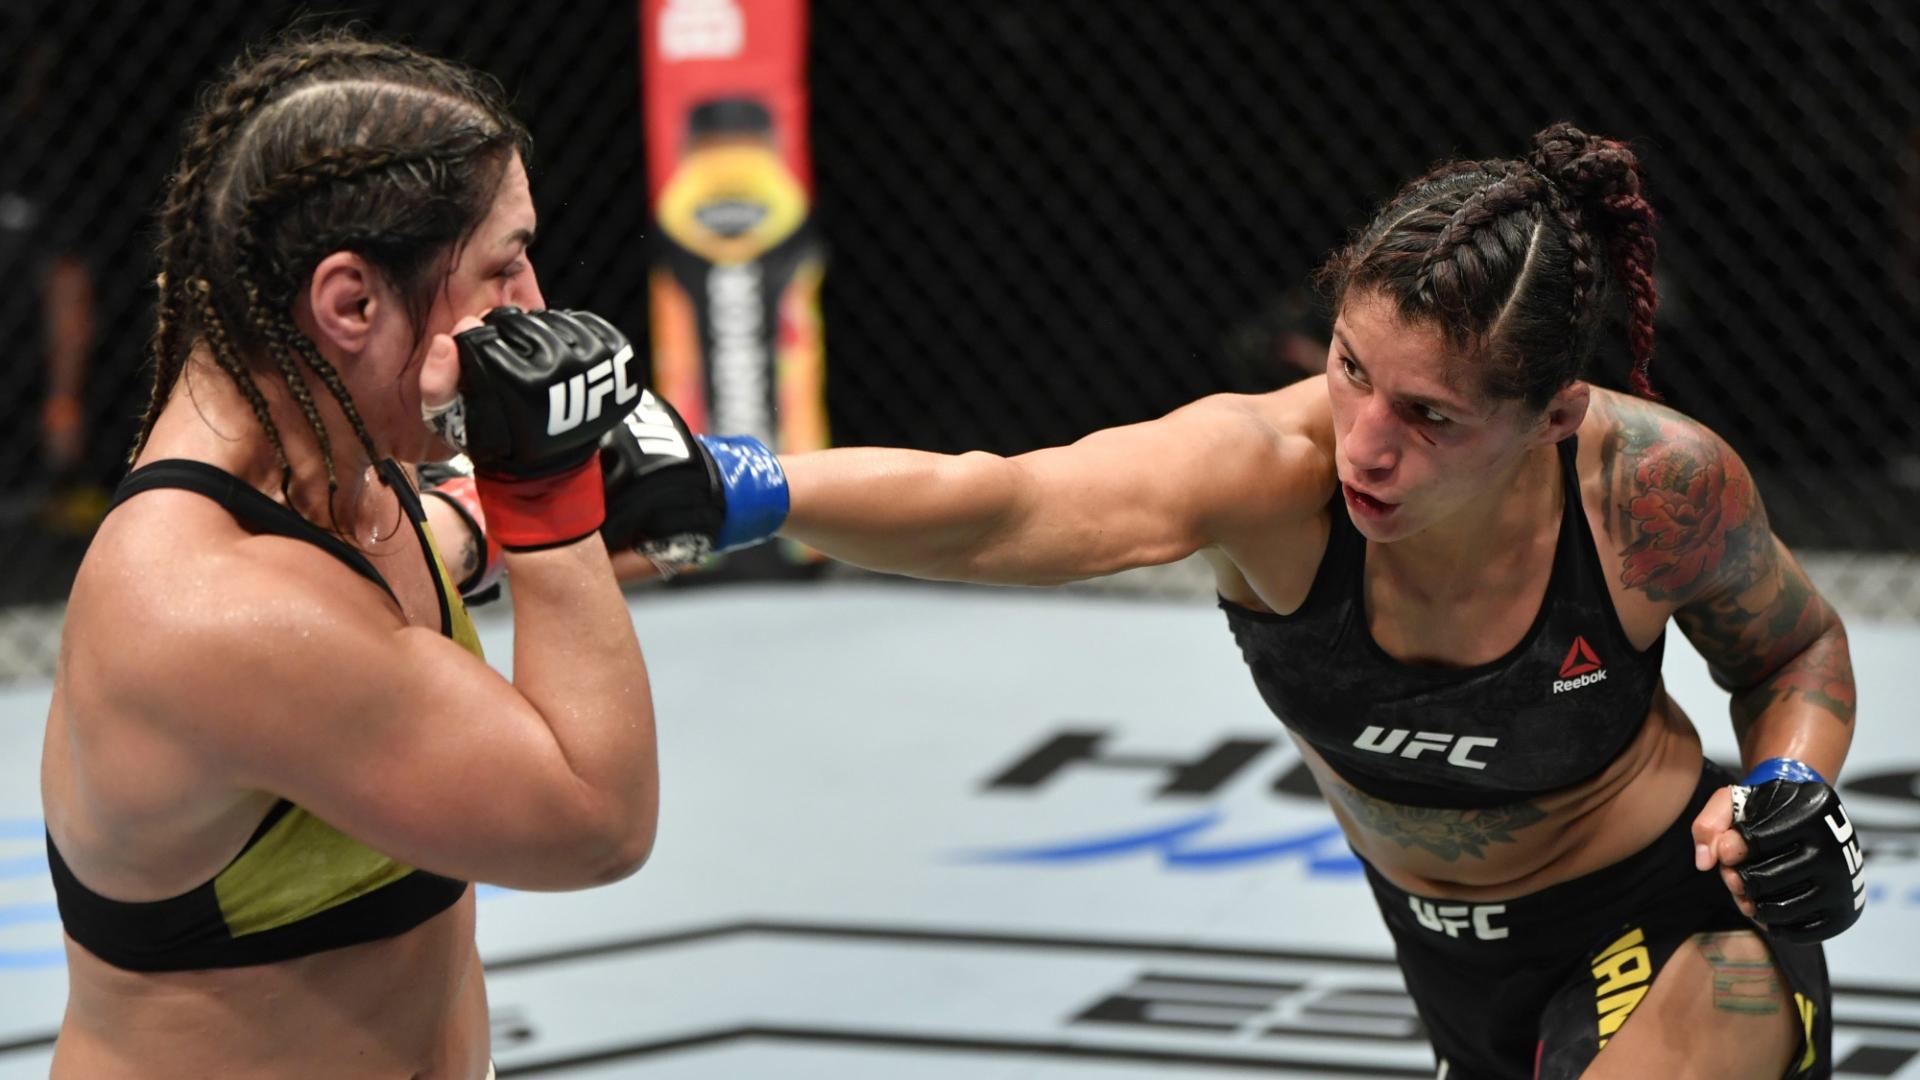 Pannie Kianzad Bethe Correia UFC MMA Frontkick Online Bethe Correia